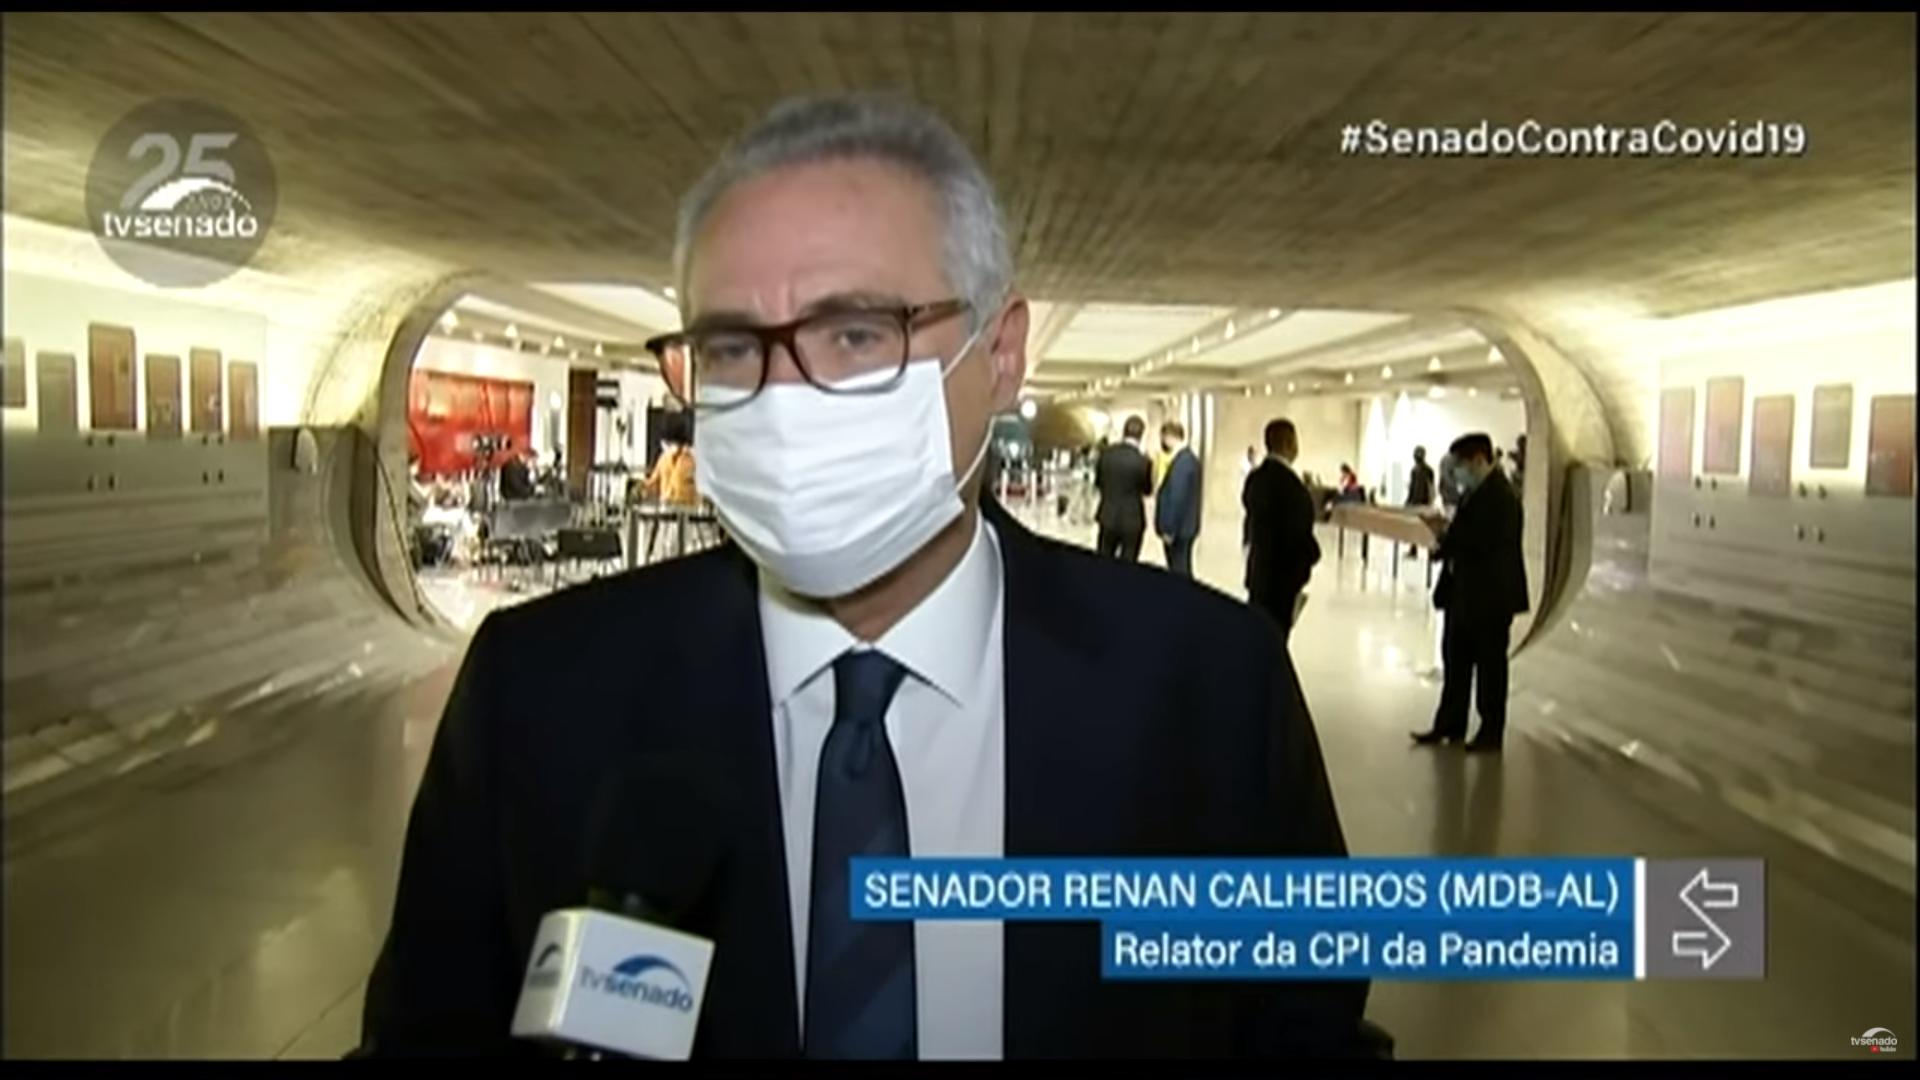 IMAGEM: Renan anuncia nomes de mais 3 investigados na CPI